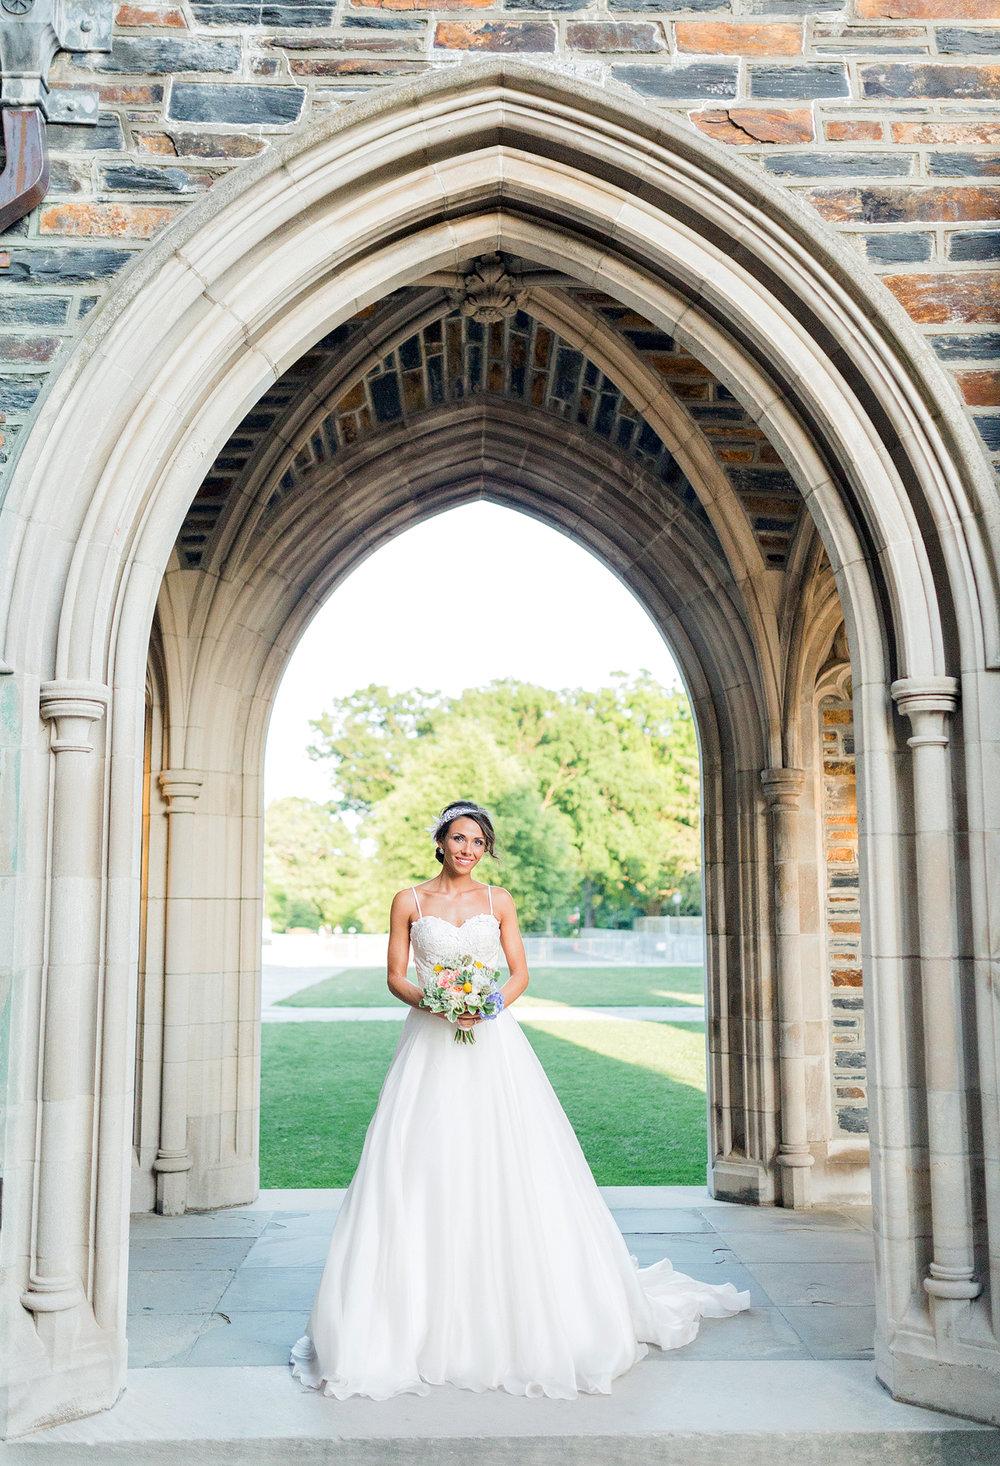 duke-chapel-wedding-30-2.jpeg